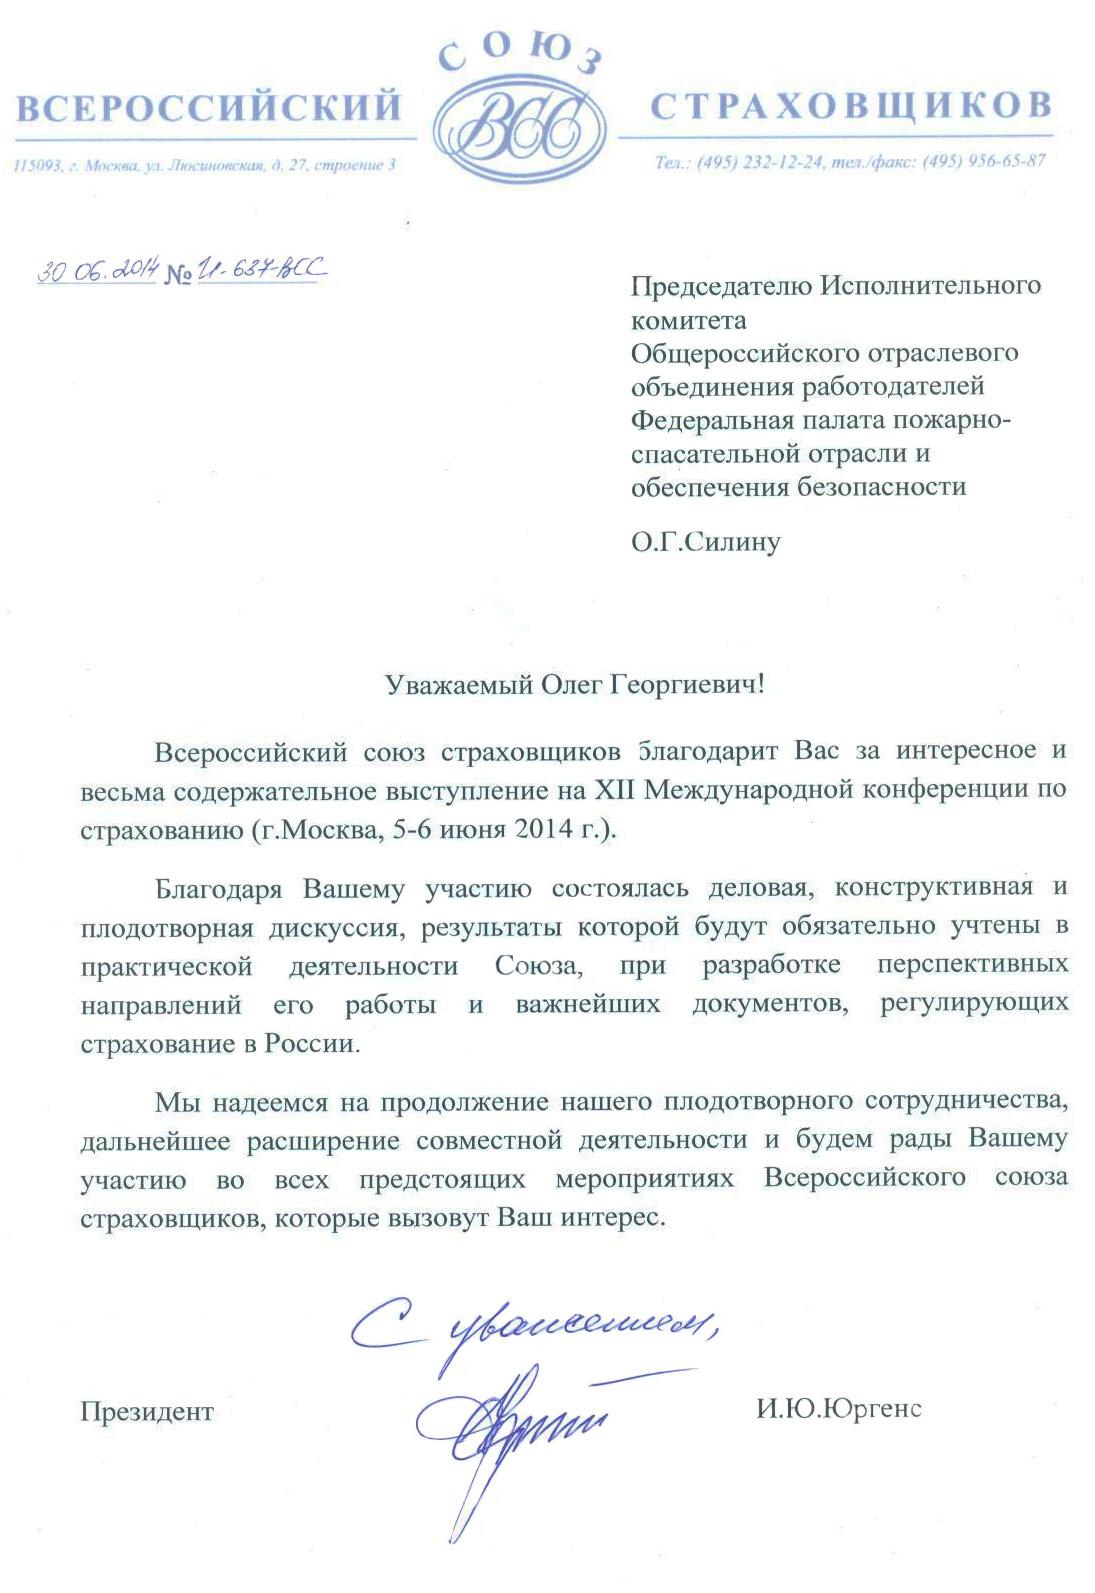 Всероссийский союз страховщиков направил благодарственное письмо в Федеральную Палату